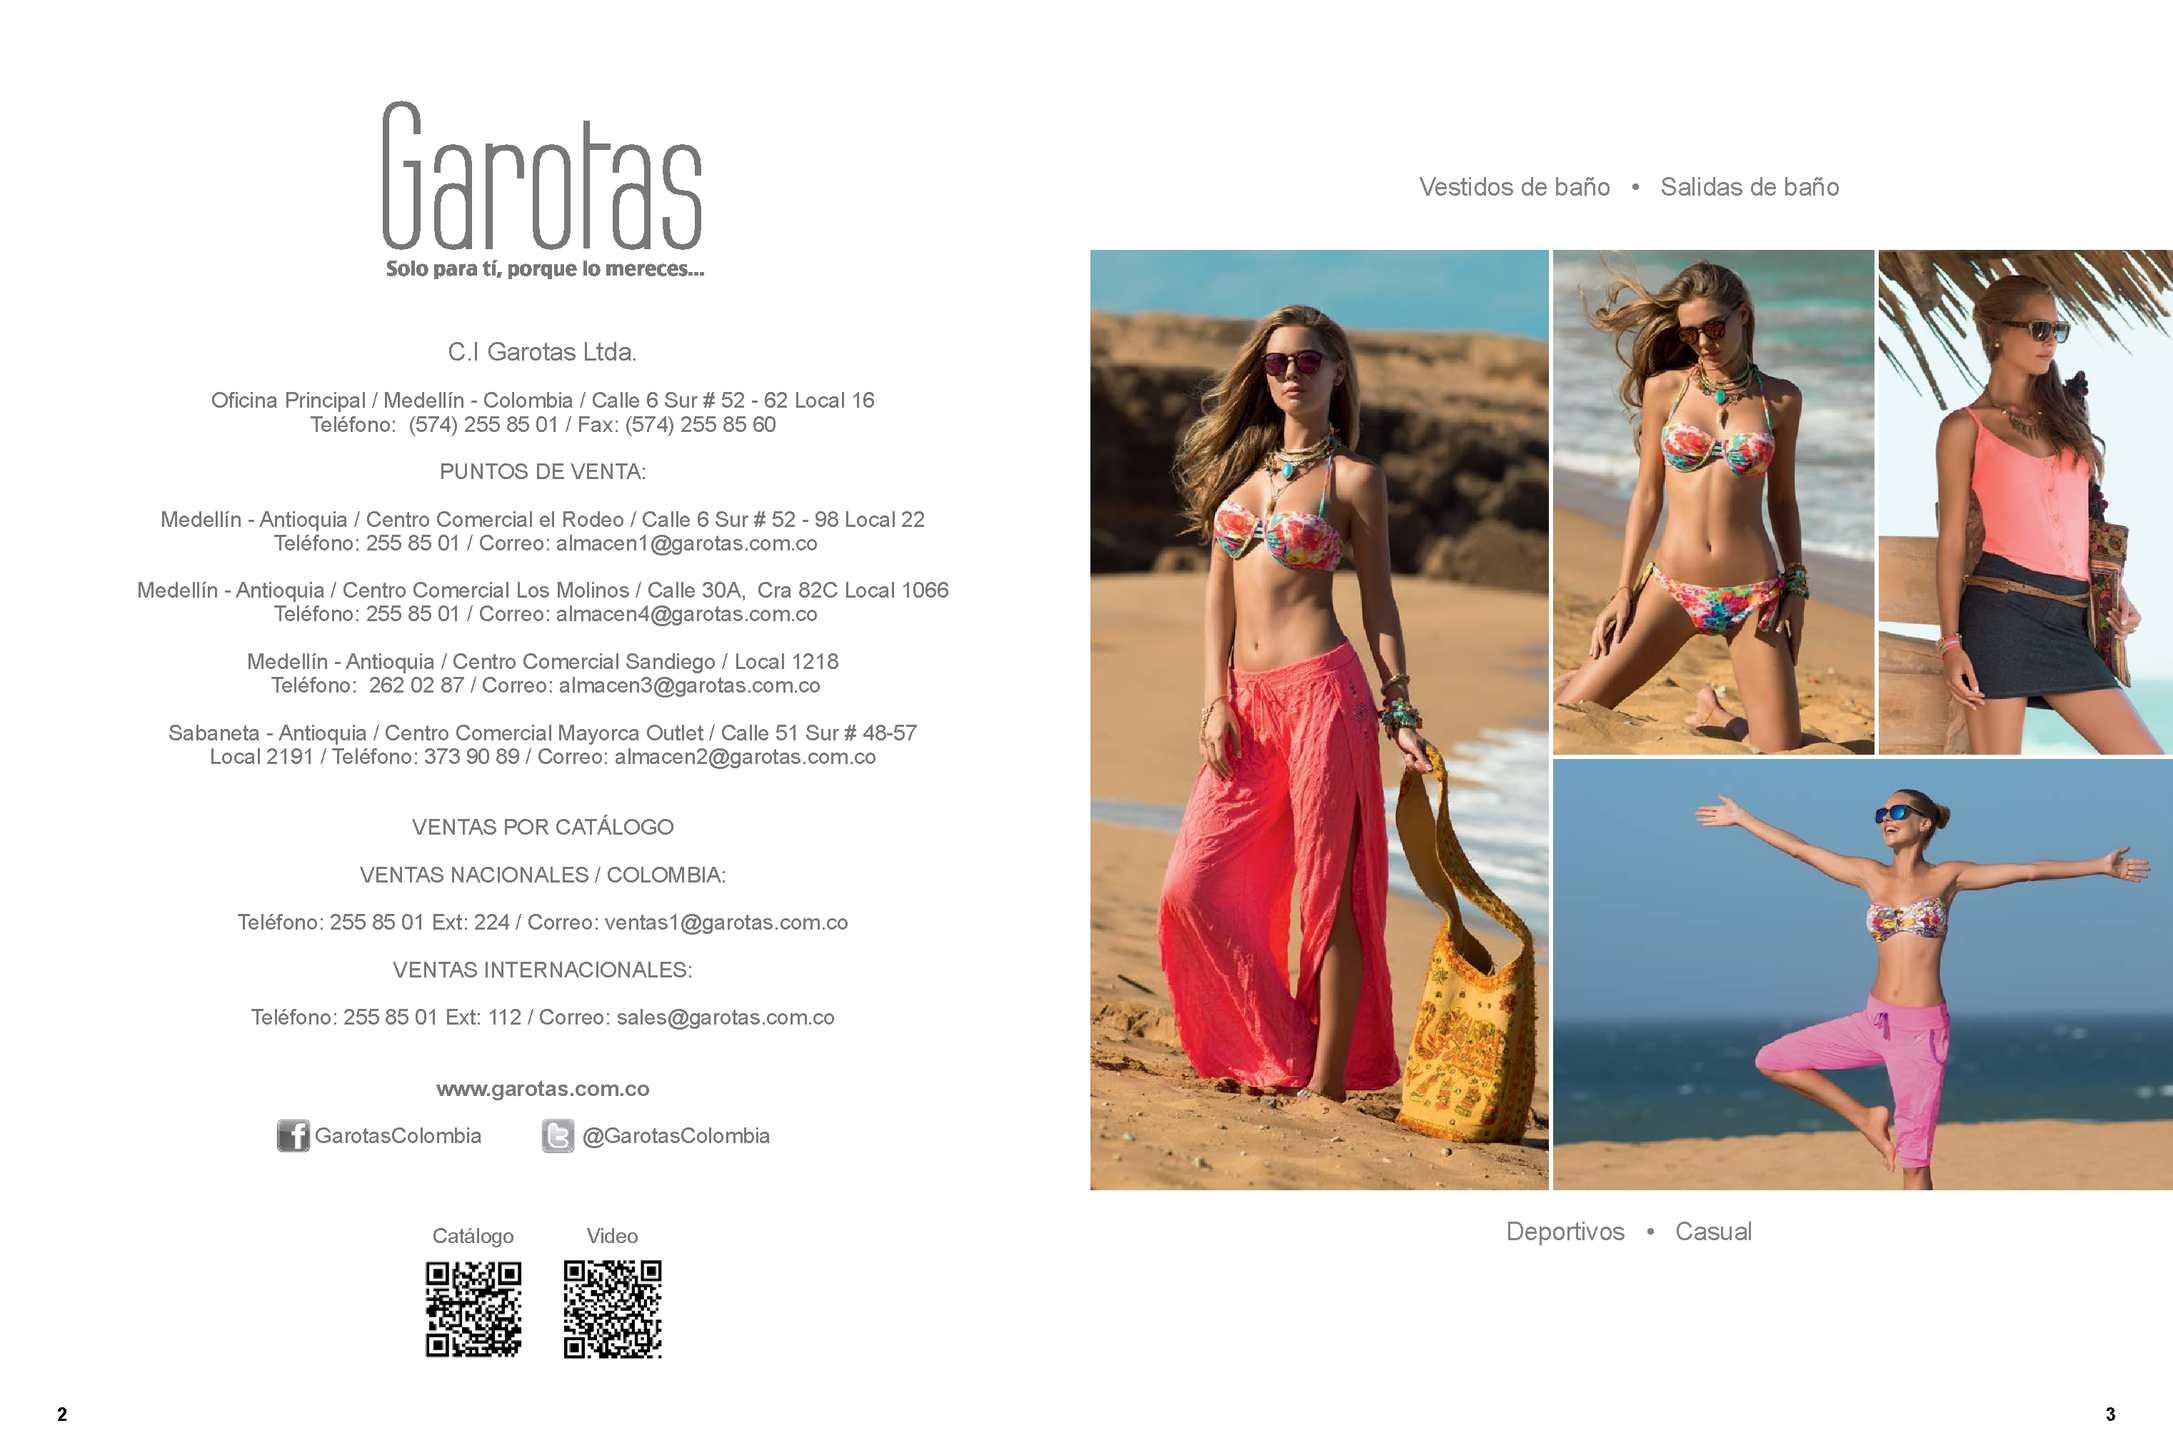 517e1bf5f GAROTAS VESTIDOS DE BAÑO - CALAMEO Downloader